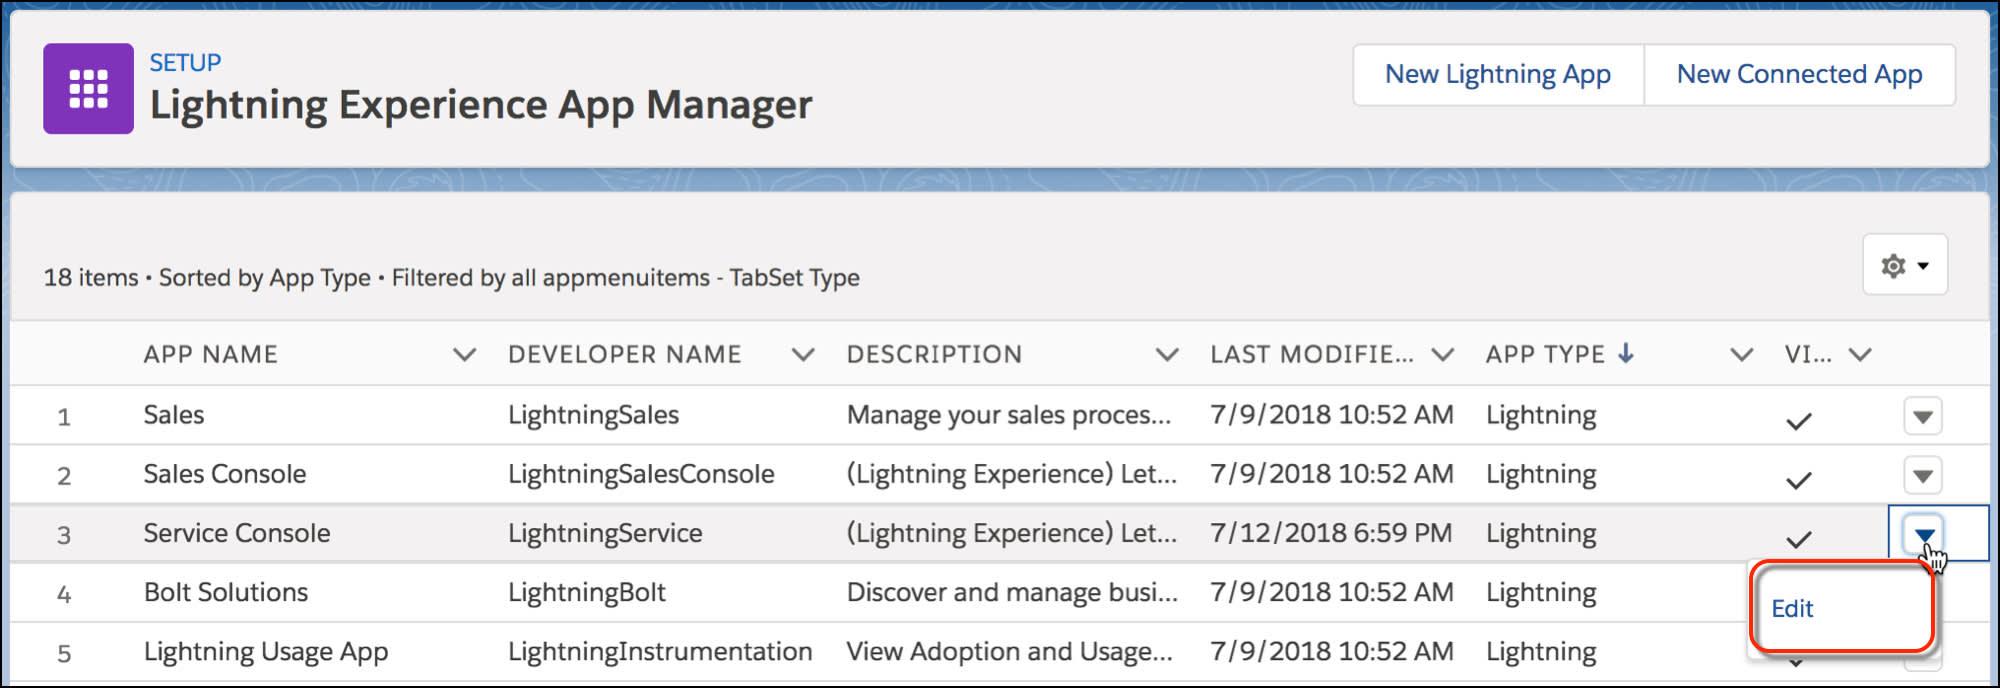 Page de configuration du gestionnaire d'applications, affichant le bouton de modification de l'application Console de service